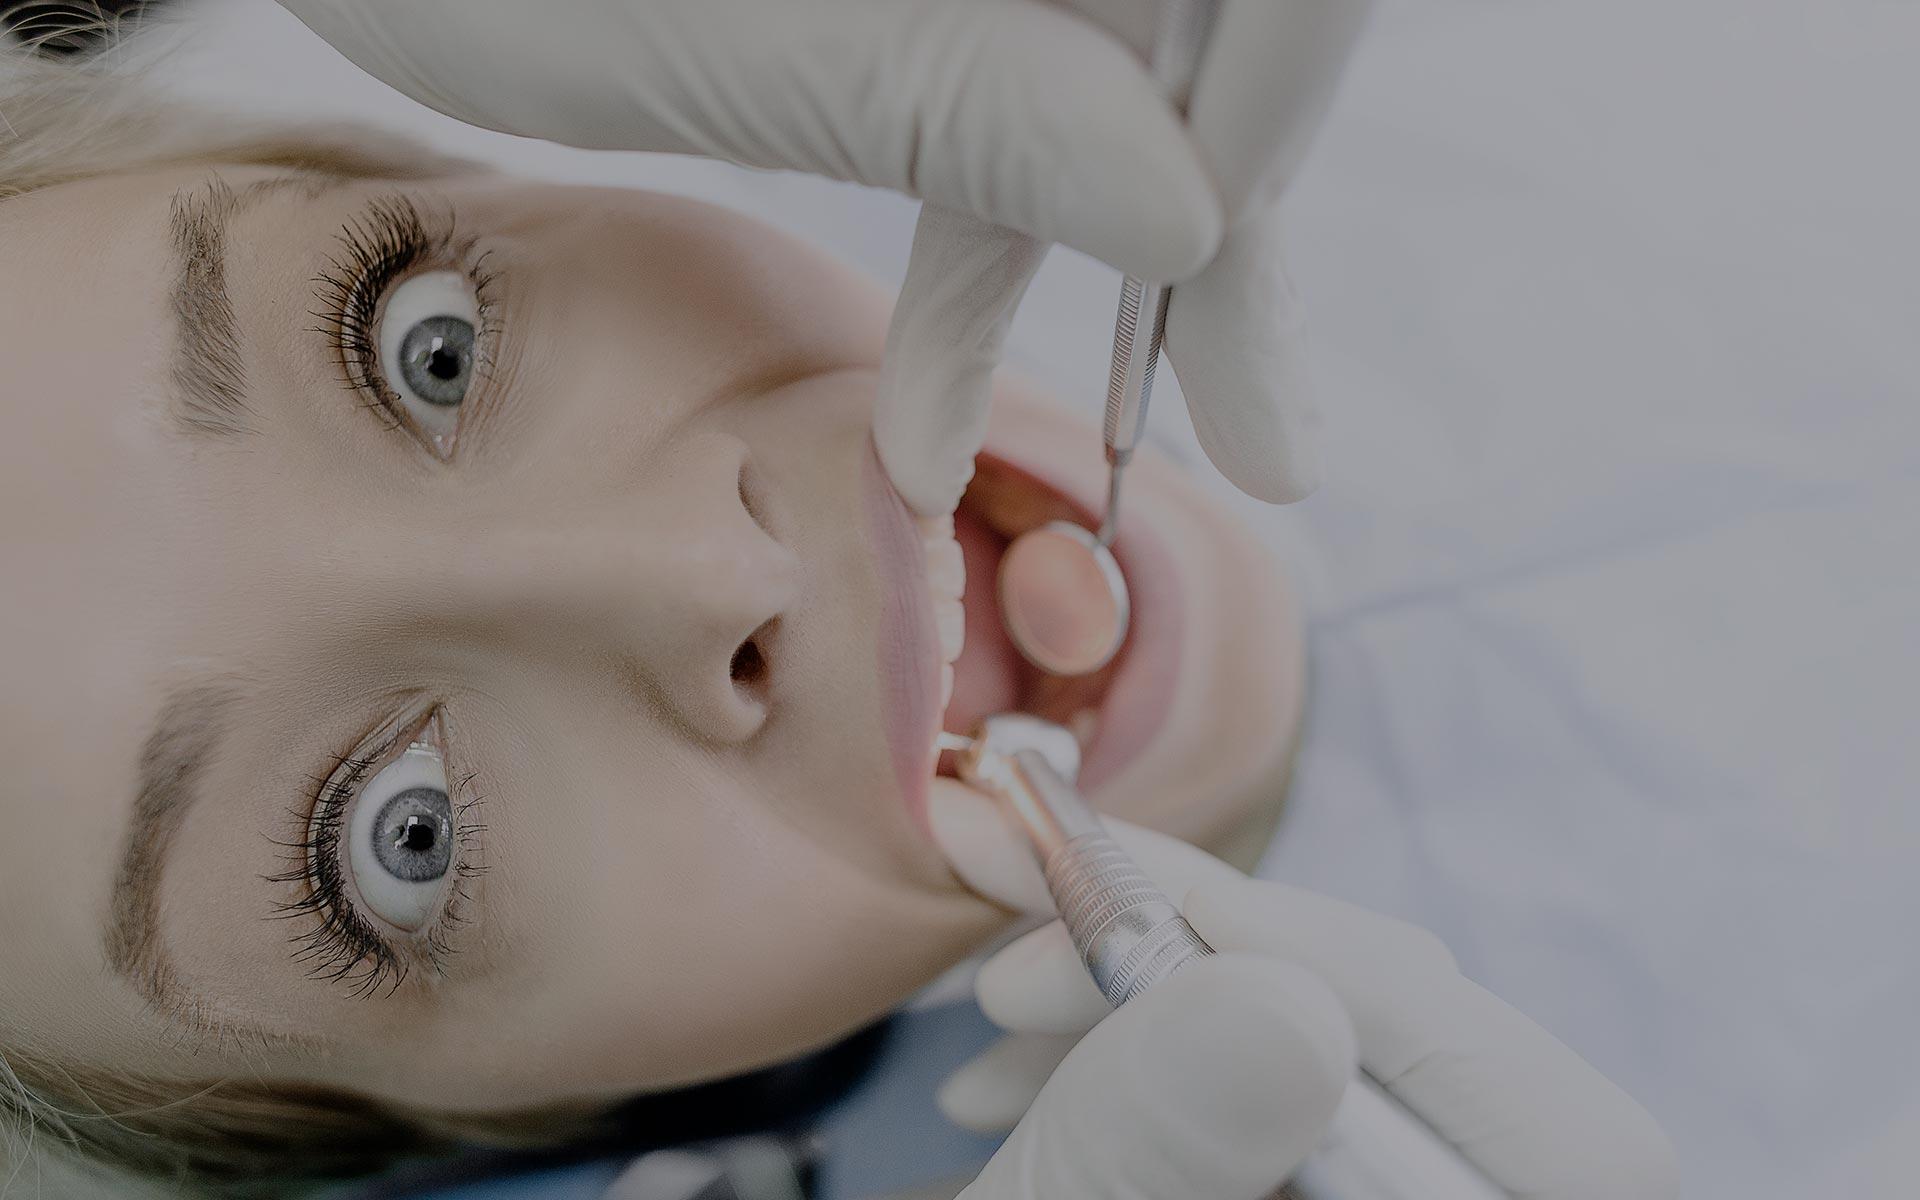 préfèreraient un rendez-vous  chez le dentiste que d'assister  à une présentation